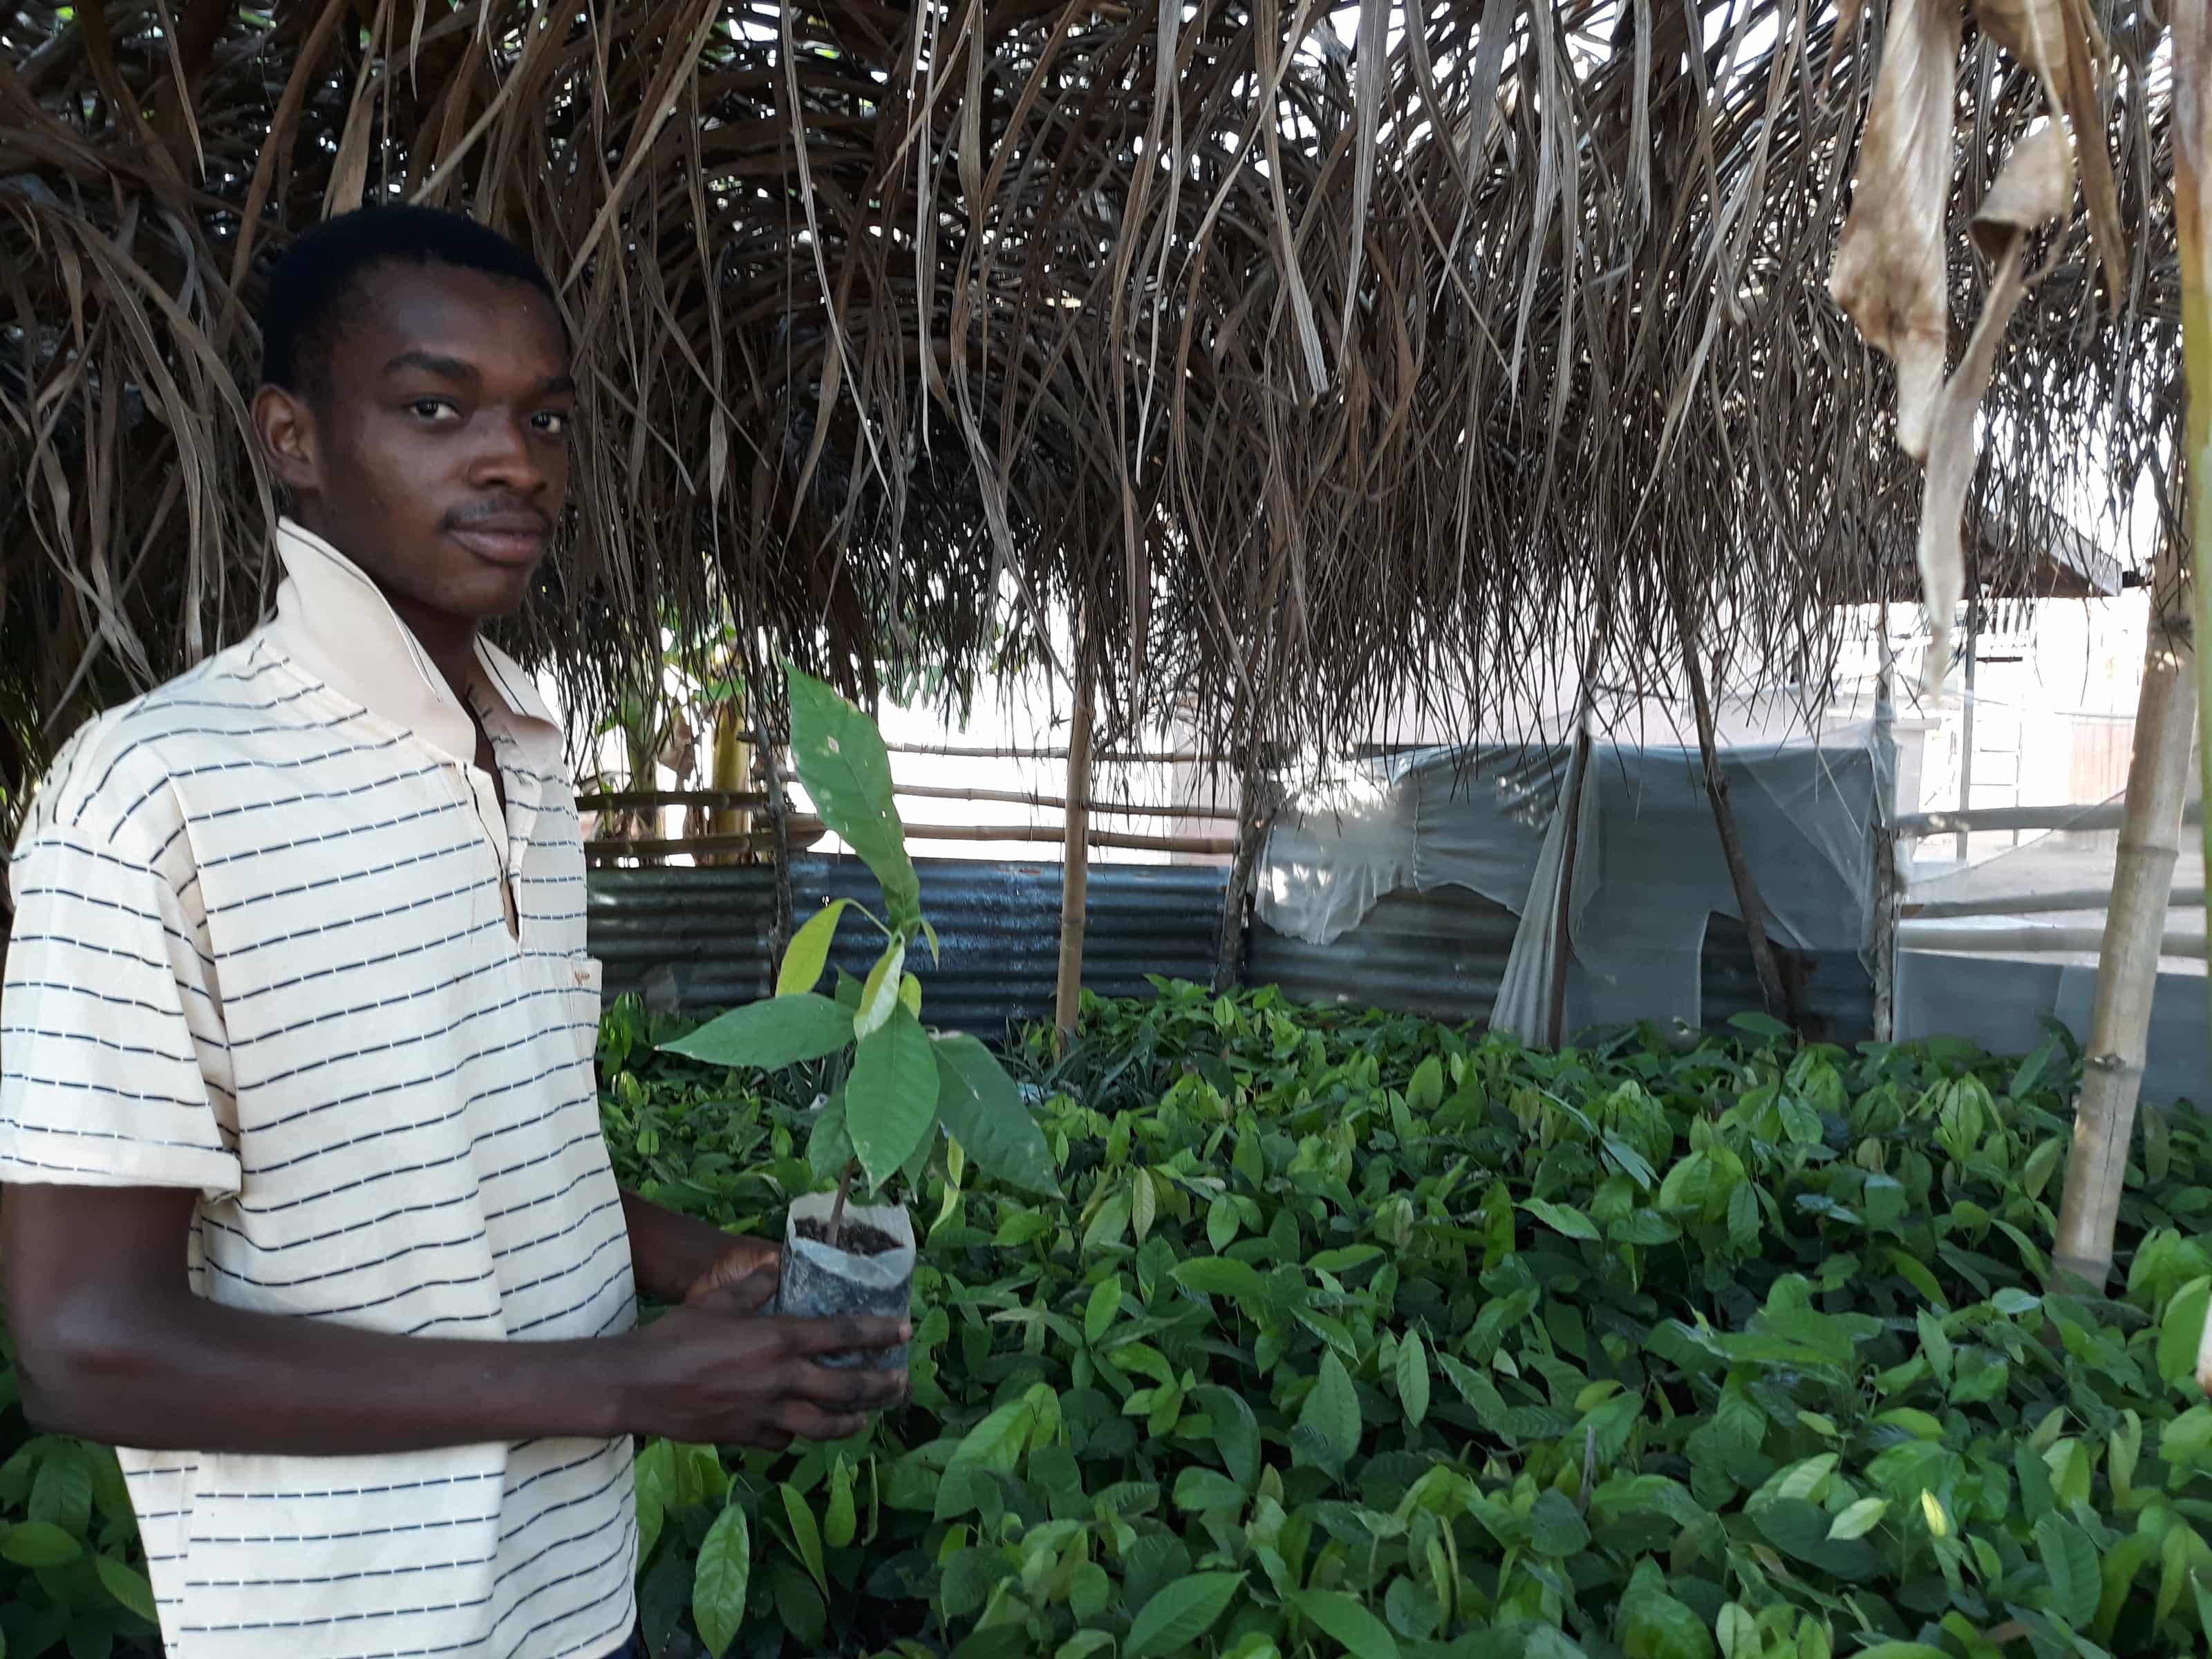 Moses, a cocoa farmer in Ghana